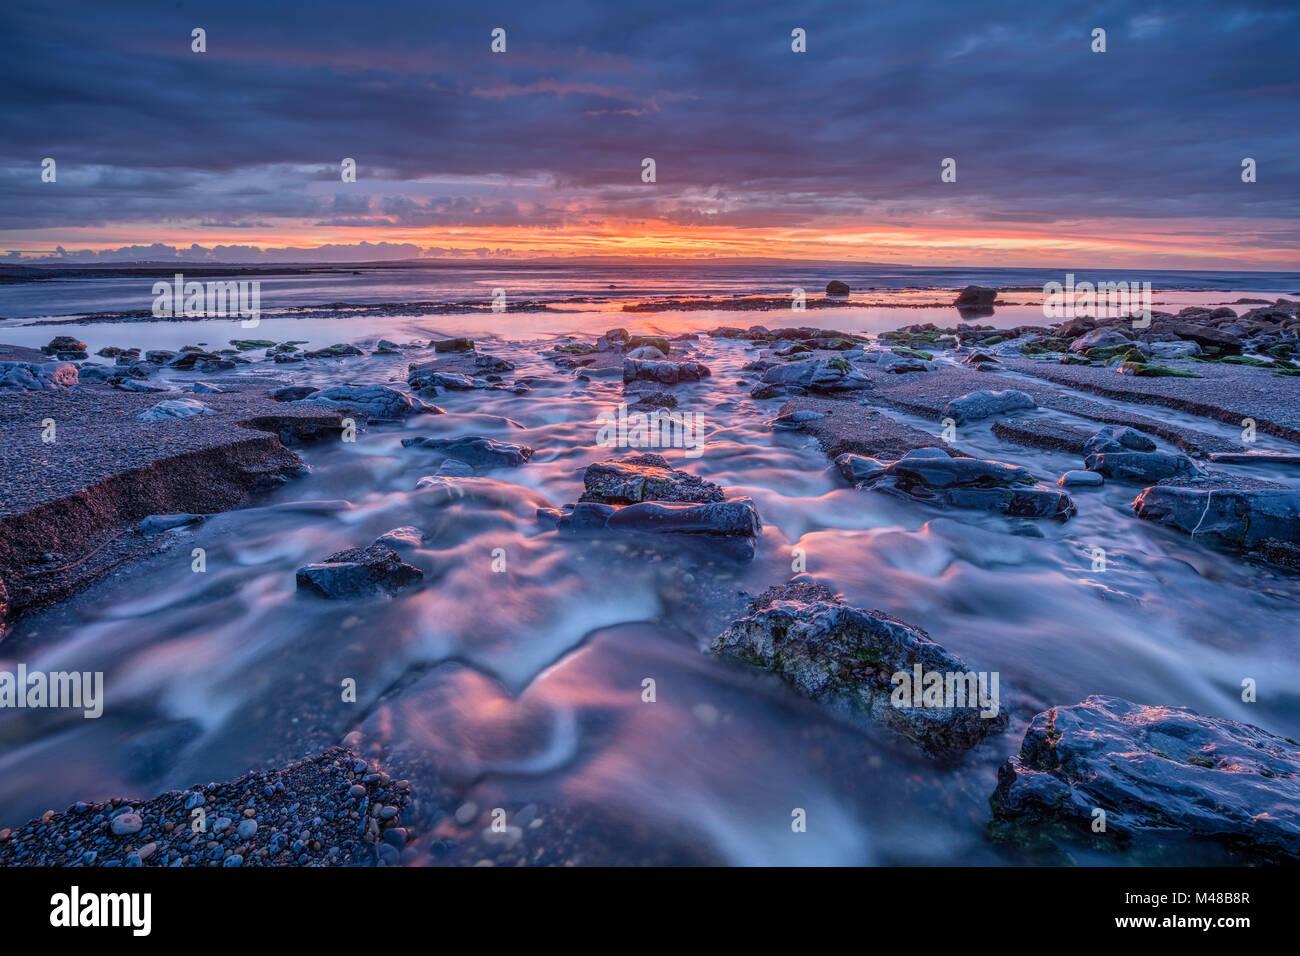 Coastal sunset near Enniscrone, Killala Bay, County Sligo, Ireland. Stock Photo